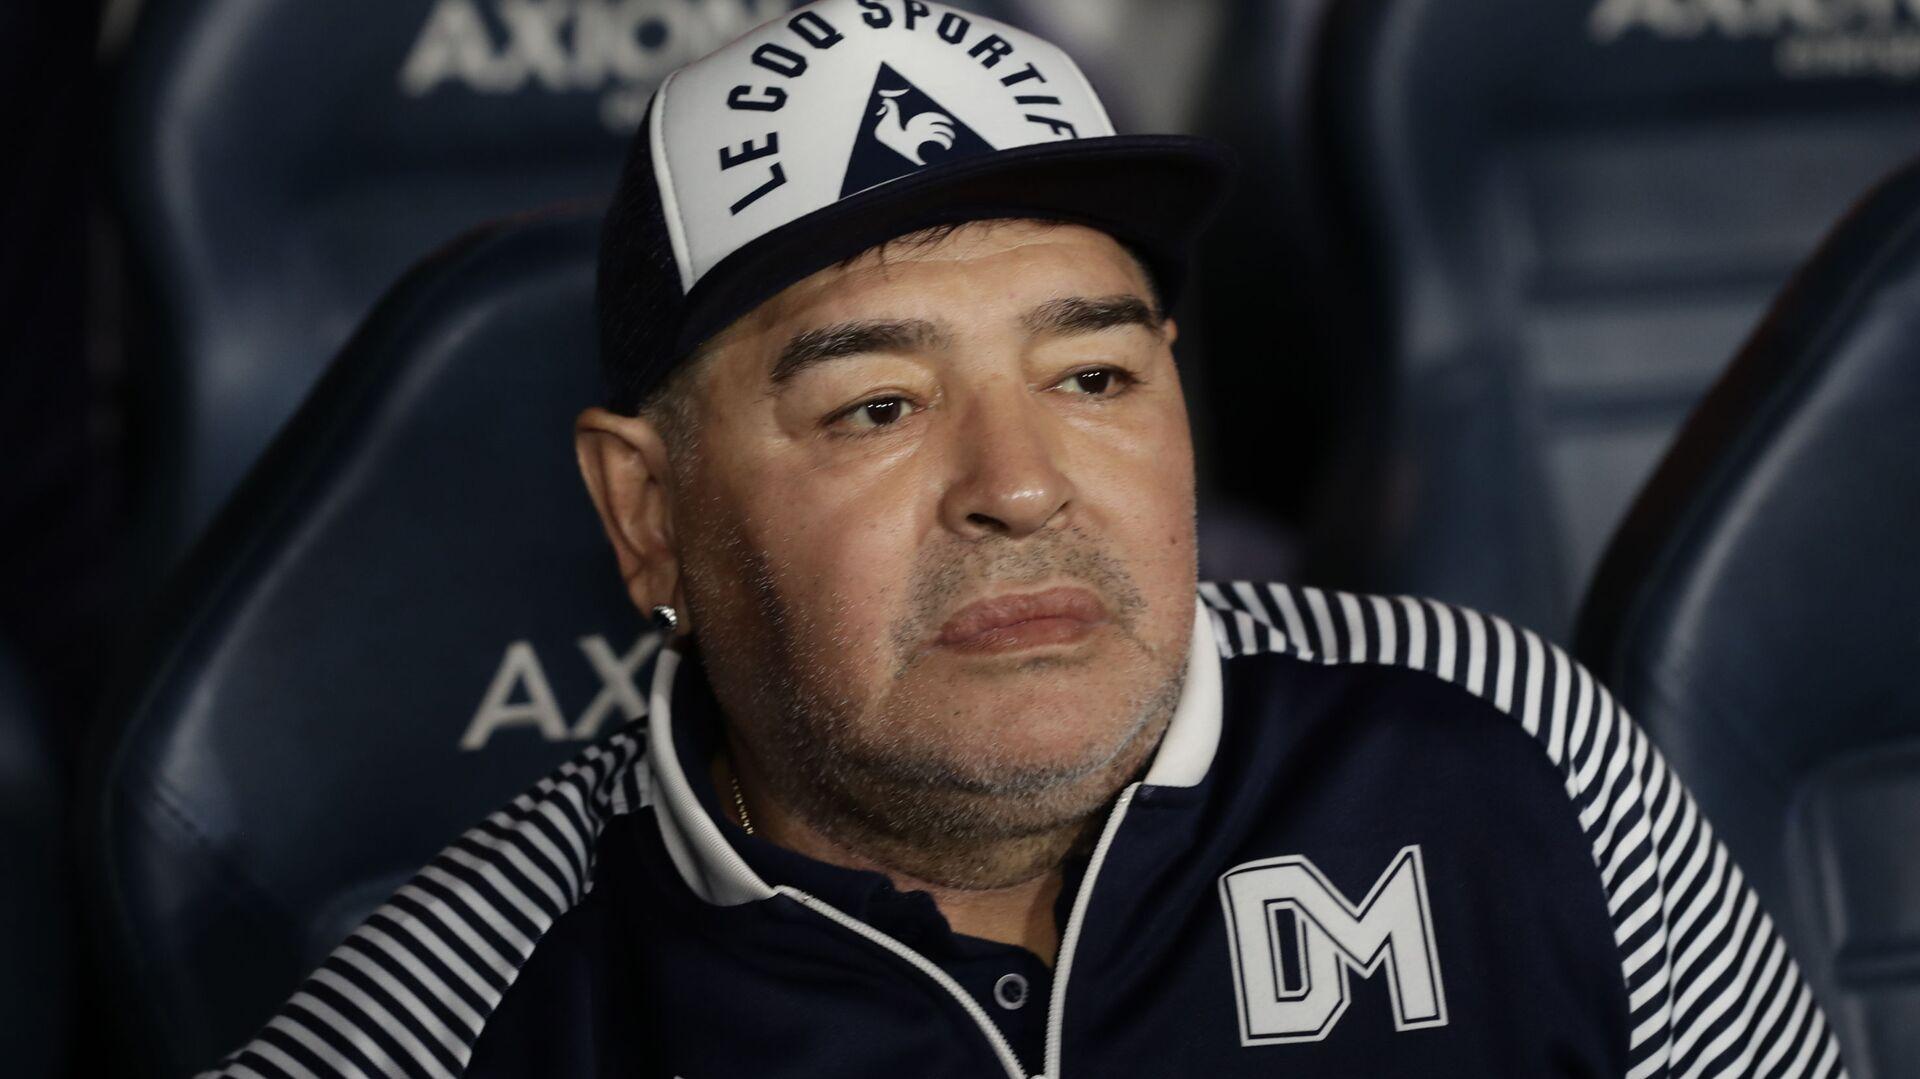 Diego Armando Maradona, exfutbolista argentino - Sputnik Mundo, 1920, 04.05.2021